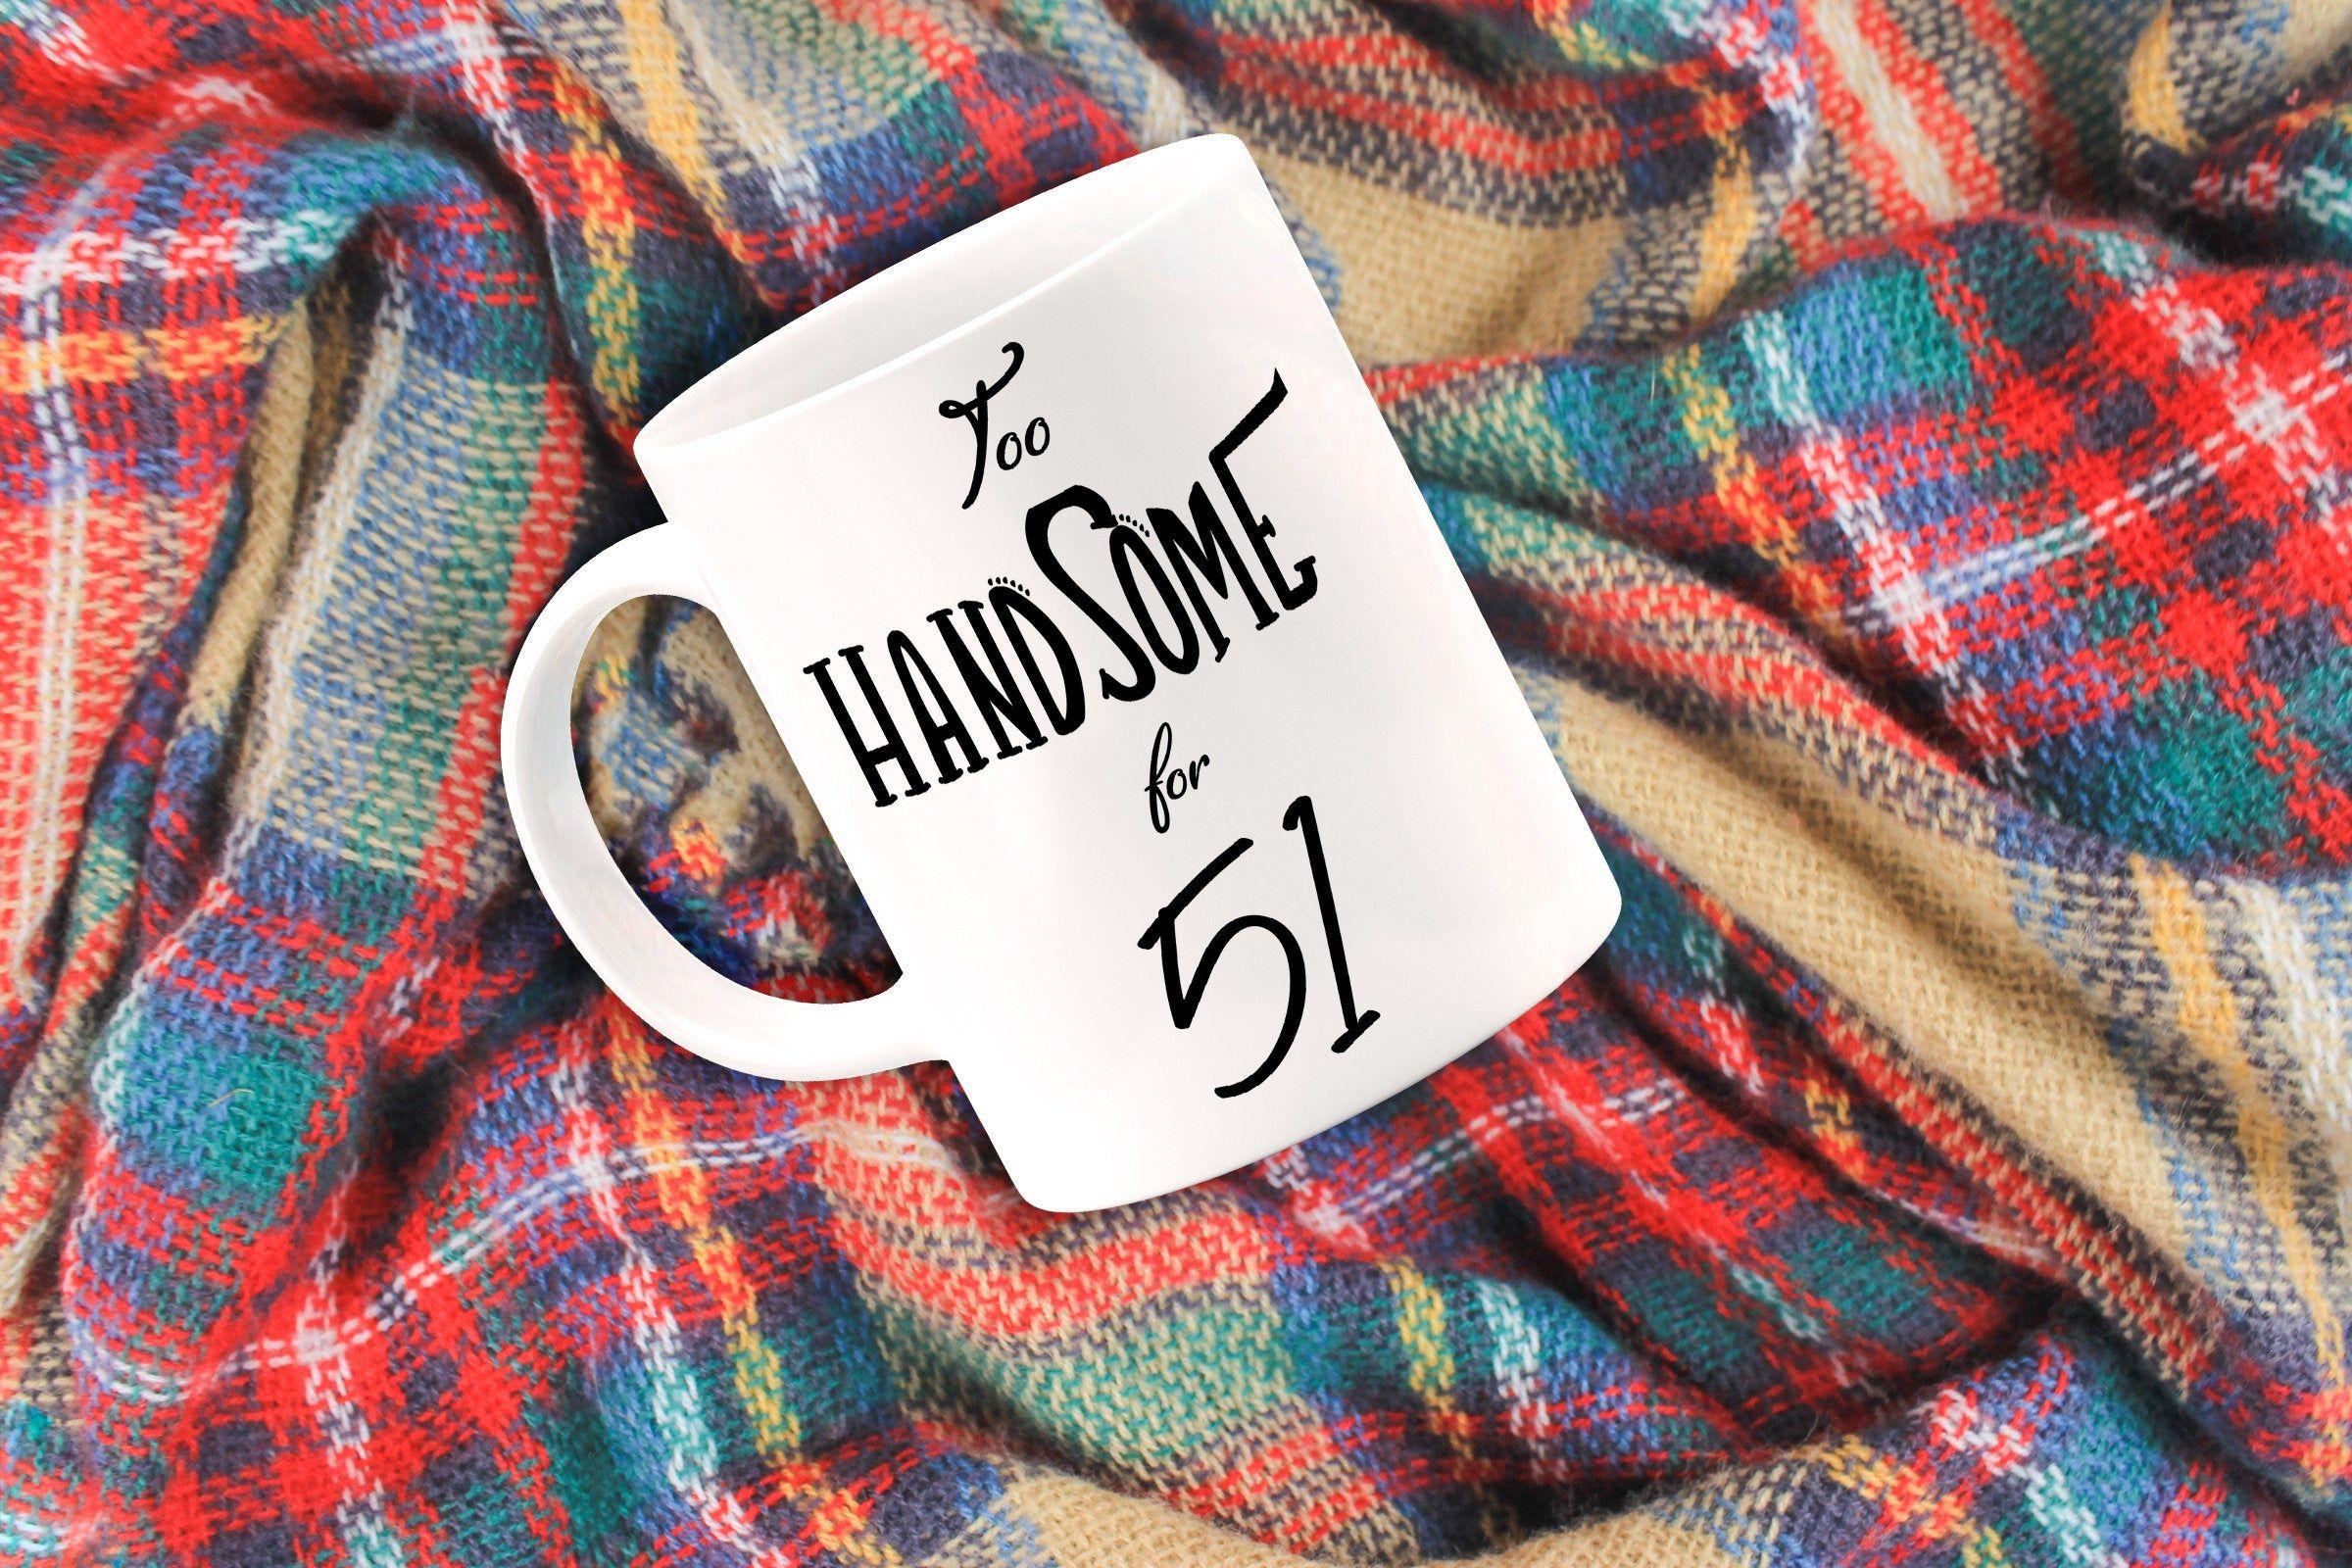 51st birthday gift for men 51st bday mug for husband 51